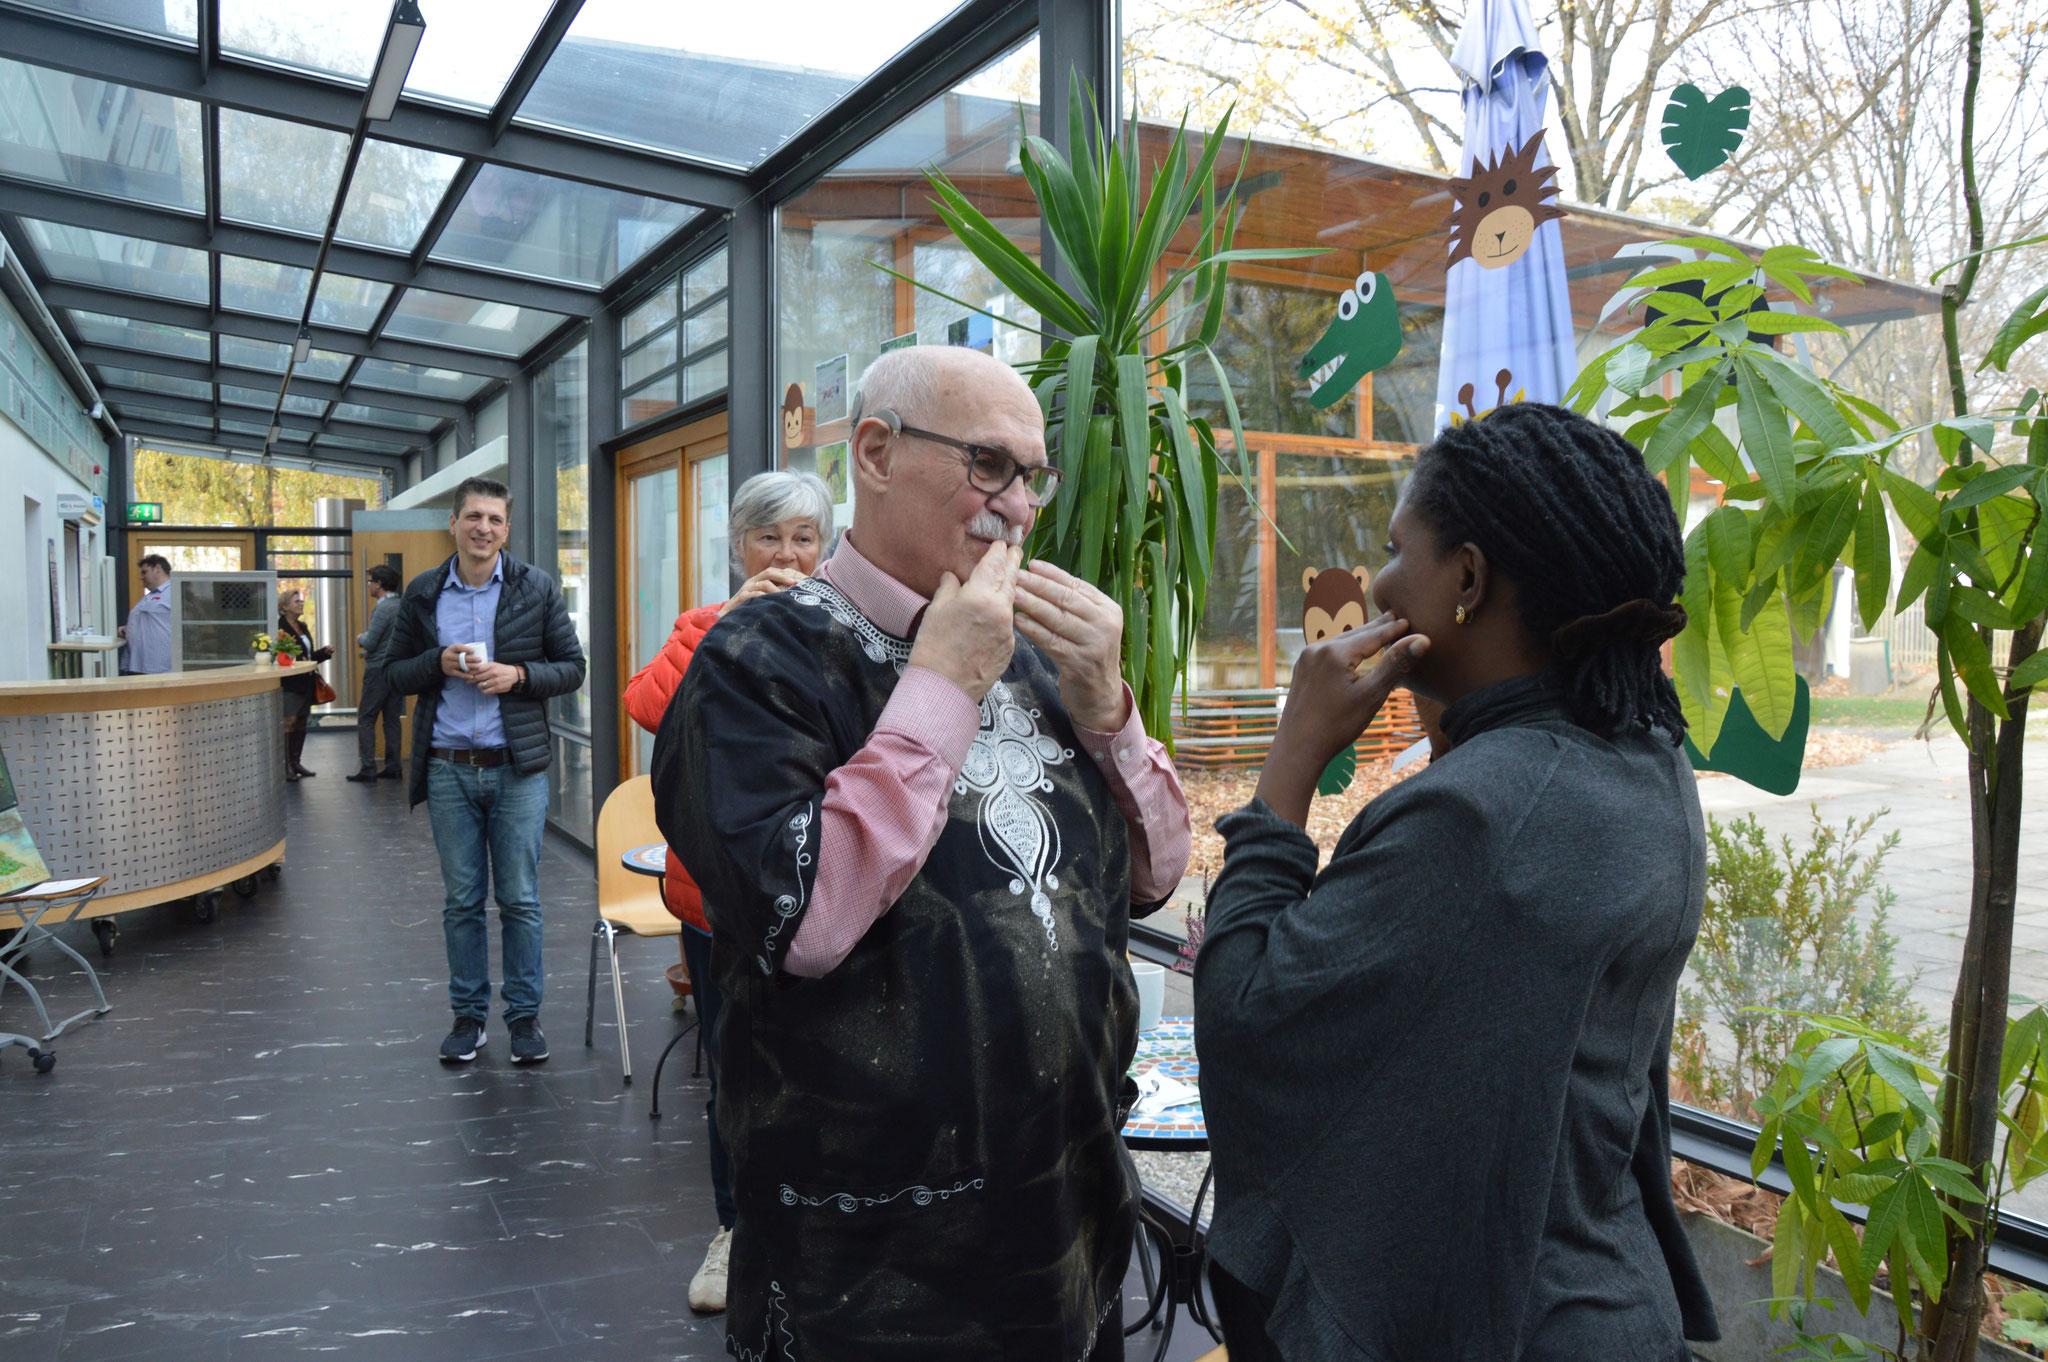 Gerhard Ehrenreichs große Freude über das wiedersehen von Prossy